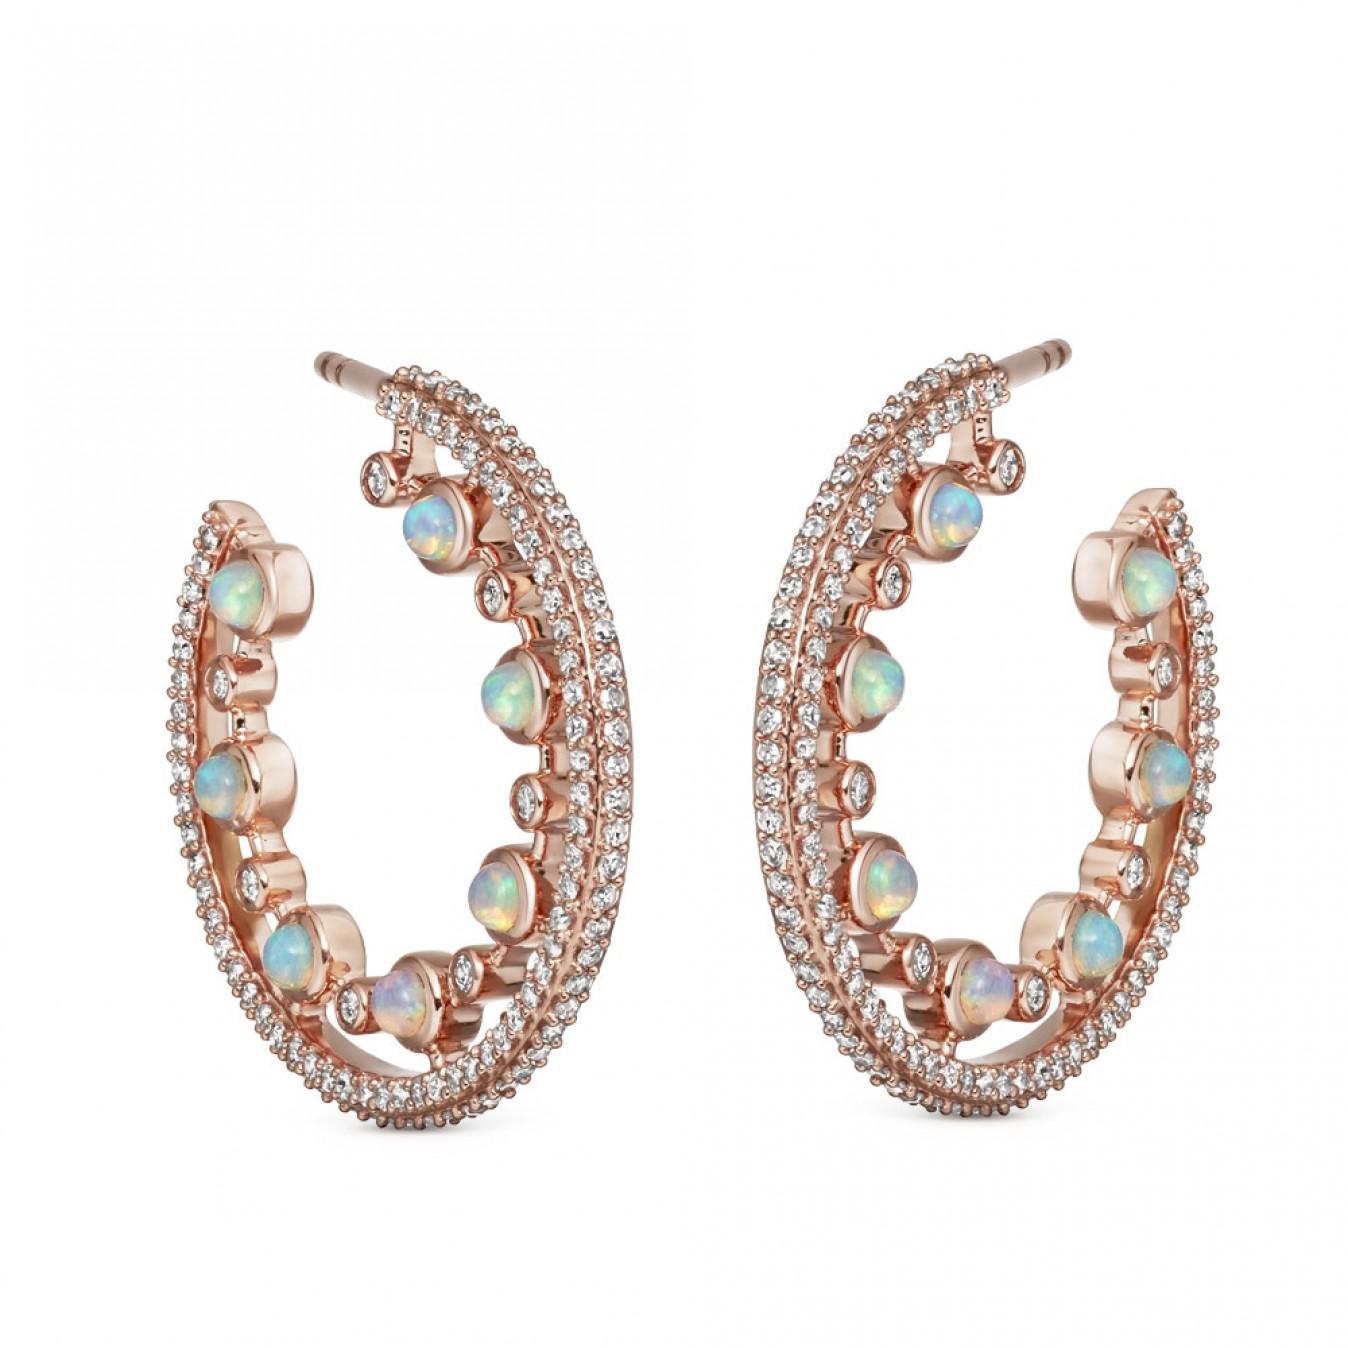 d0c8dcb46c5c2 Lyst - Astley Clarke Large Icon Nova Opal Hoop Earrings